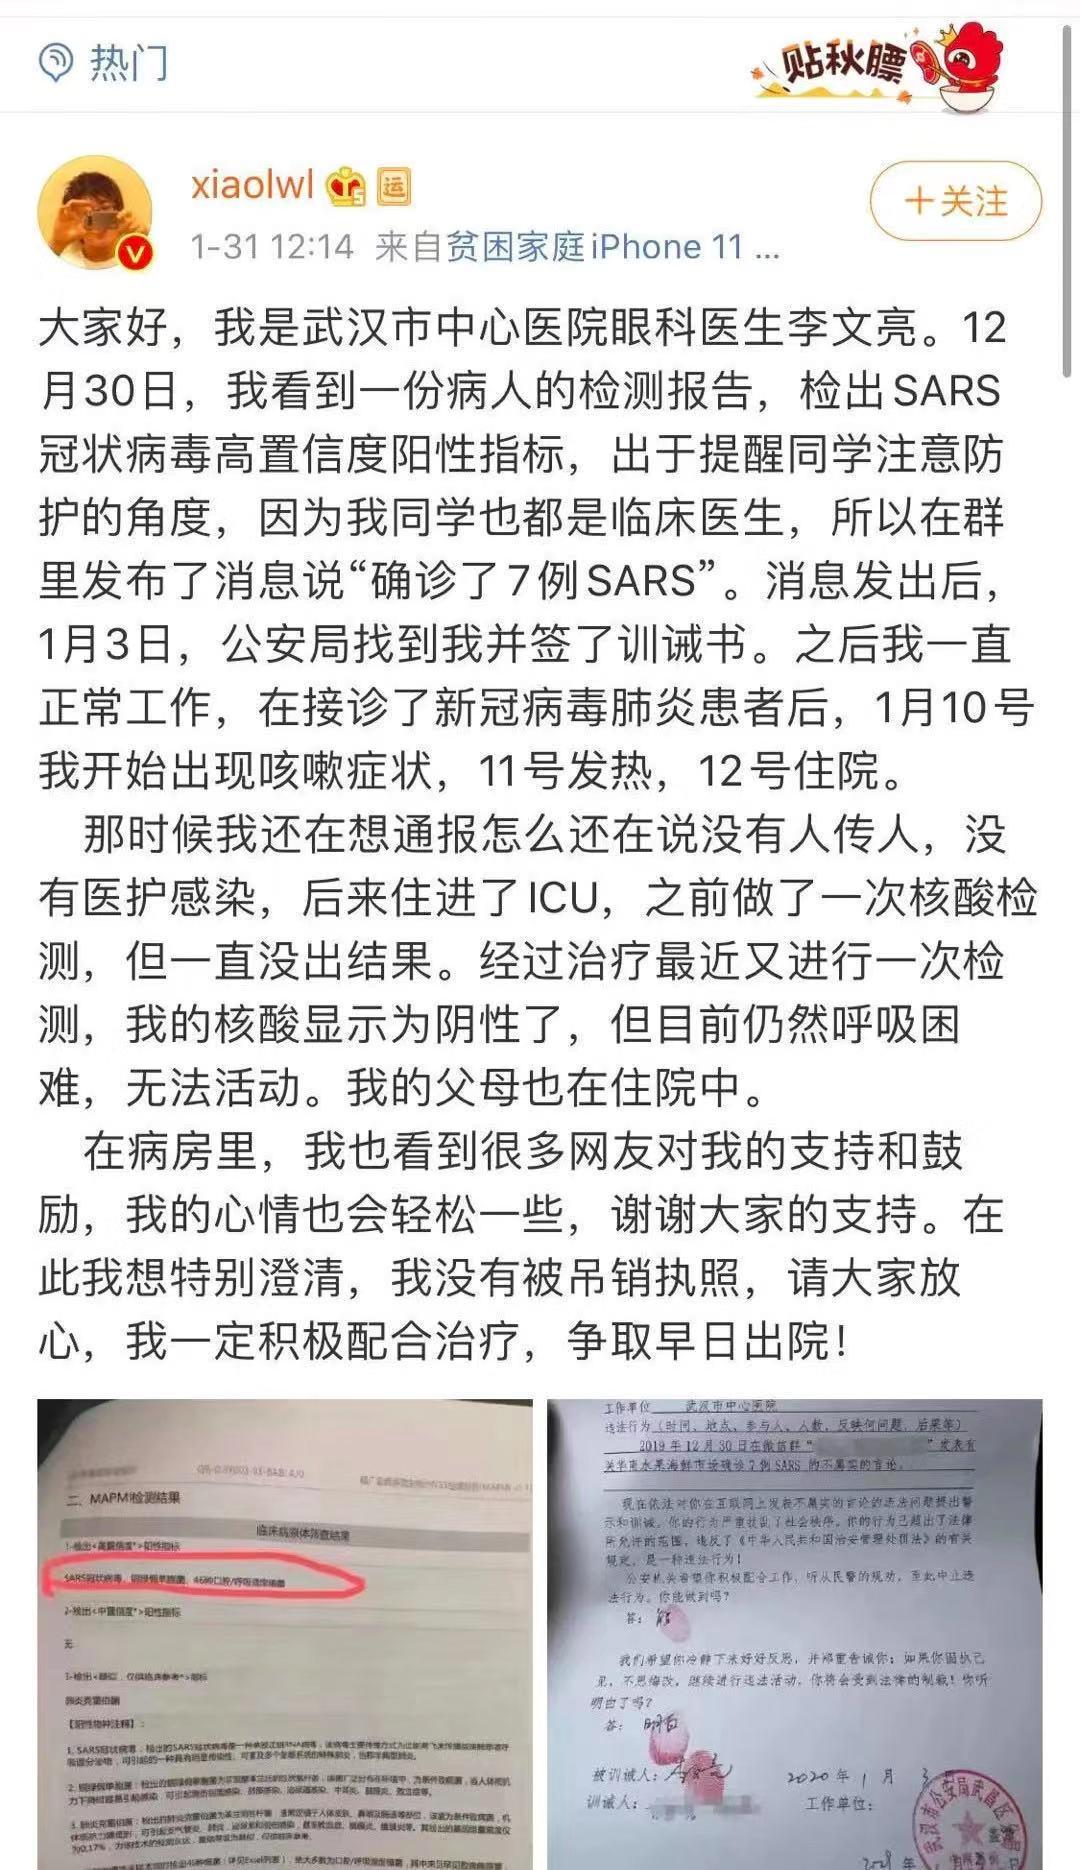 武汉市中心医院:李文亮去世